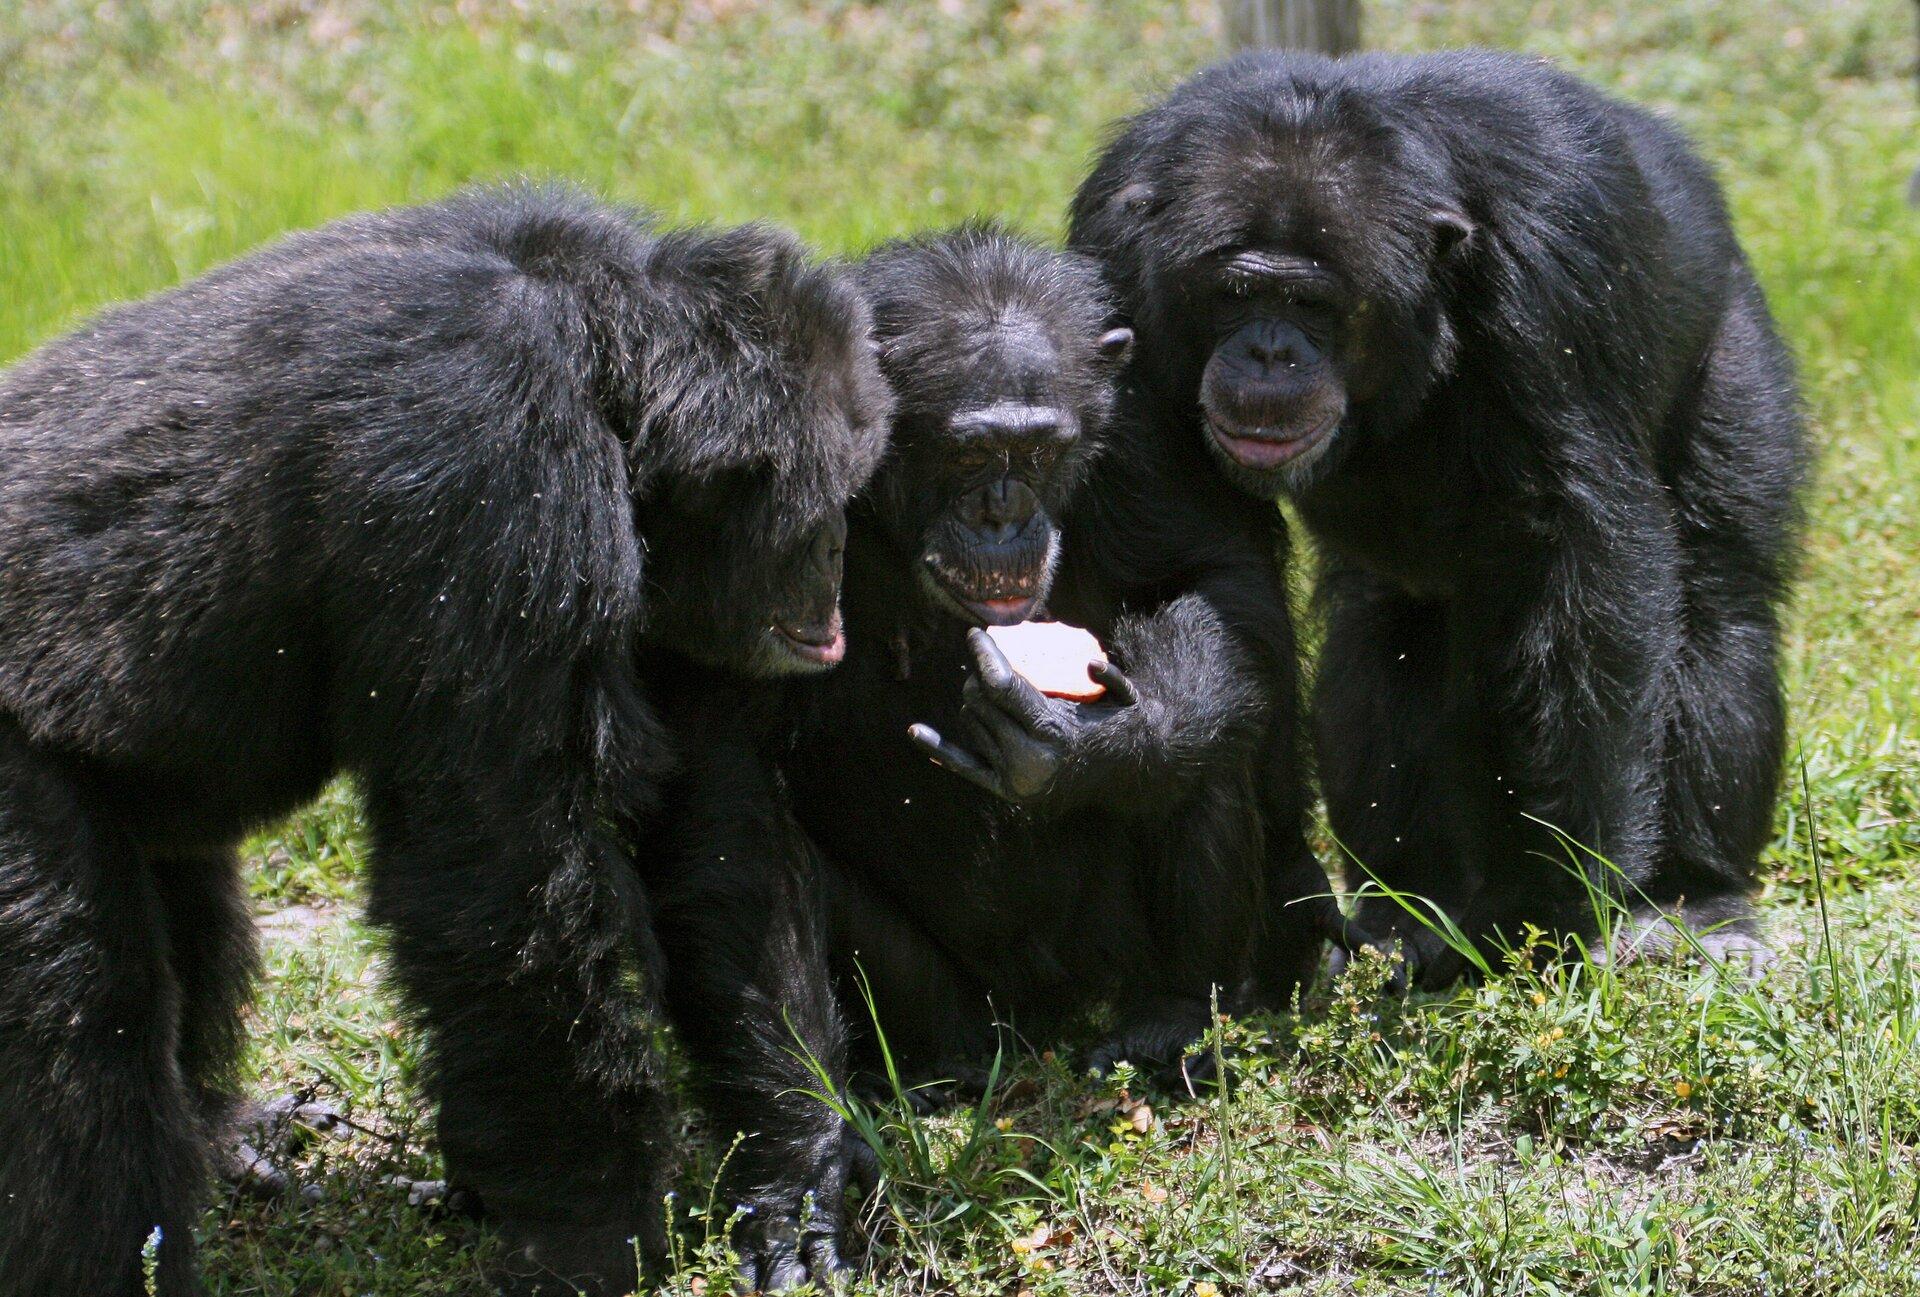 Szympansy Szympansy Źródło: Matthew Hoelscher Bakie, licencja: CC BY-SA 2.0.